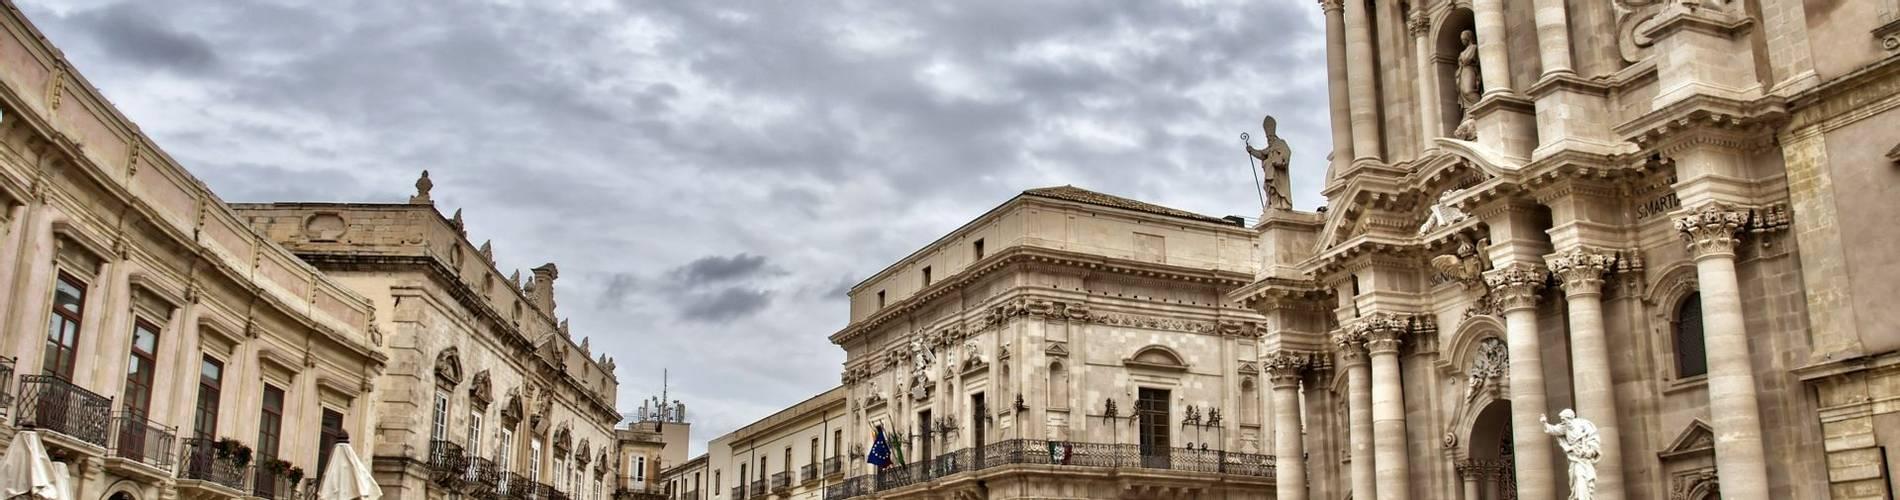 Piazza del Duomo, Syracuse, Sicily.jpg